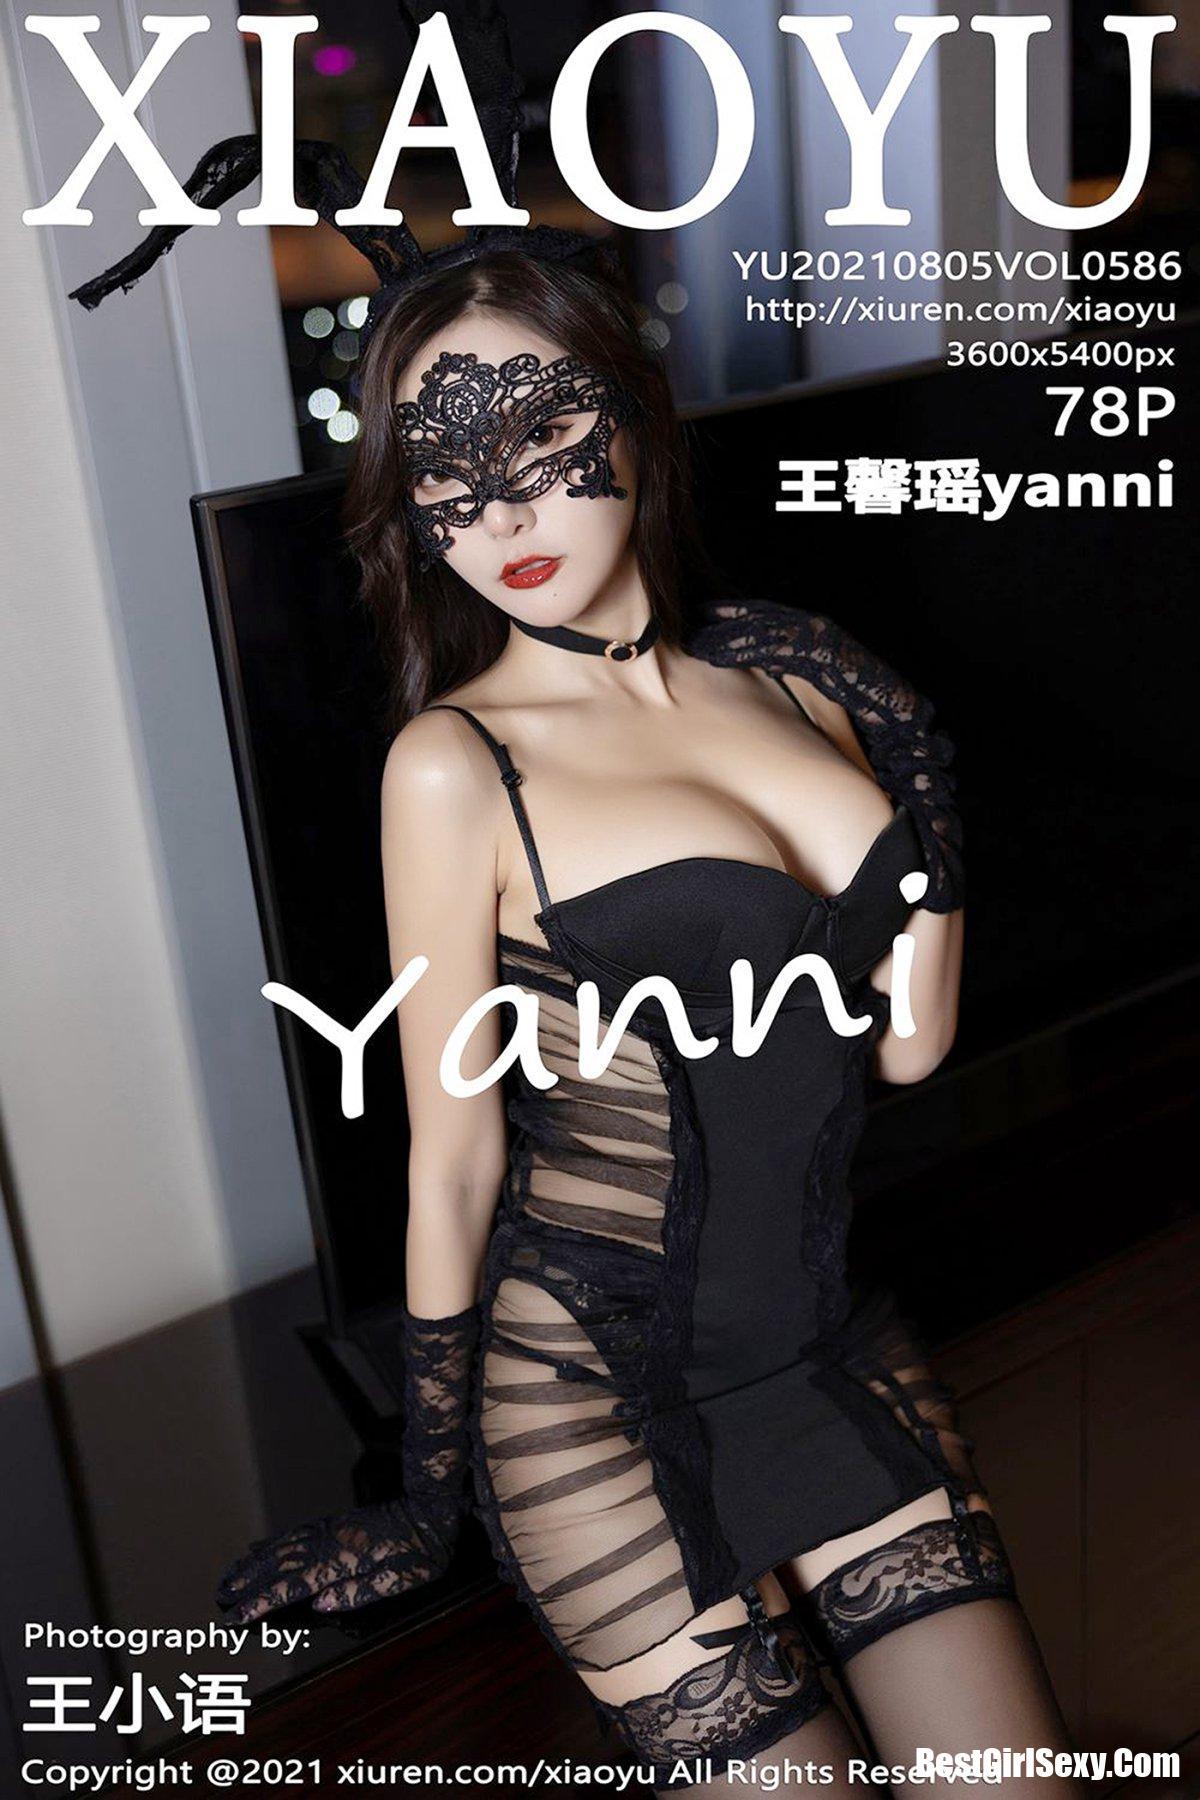 XiaoYu语画界 Vol.586 Wang Xin Yao 438